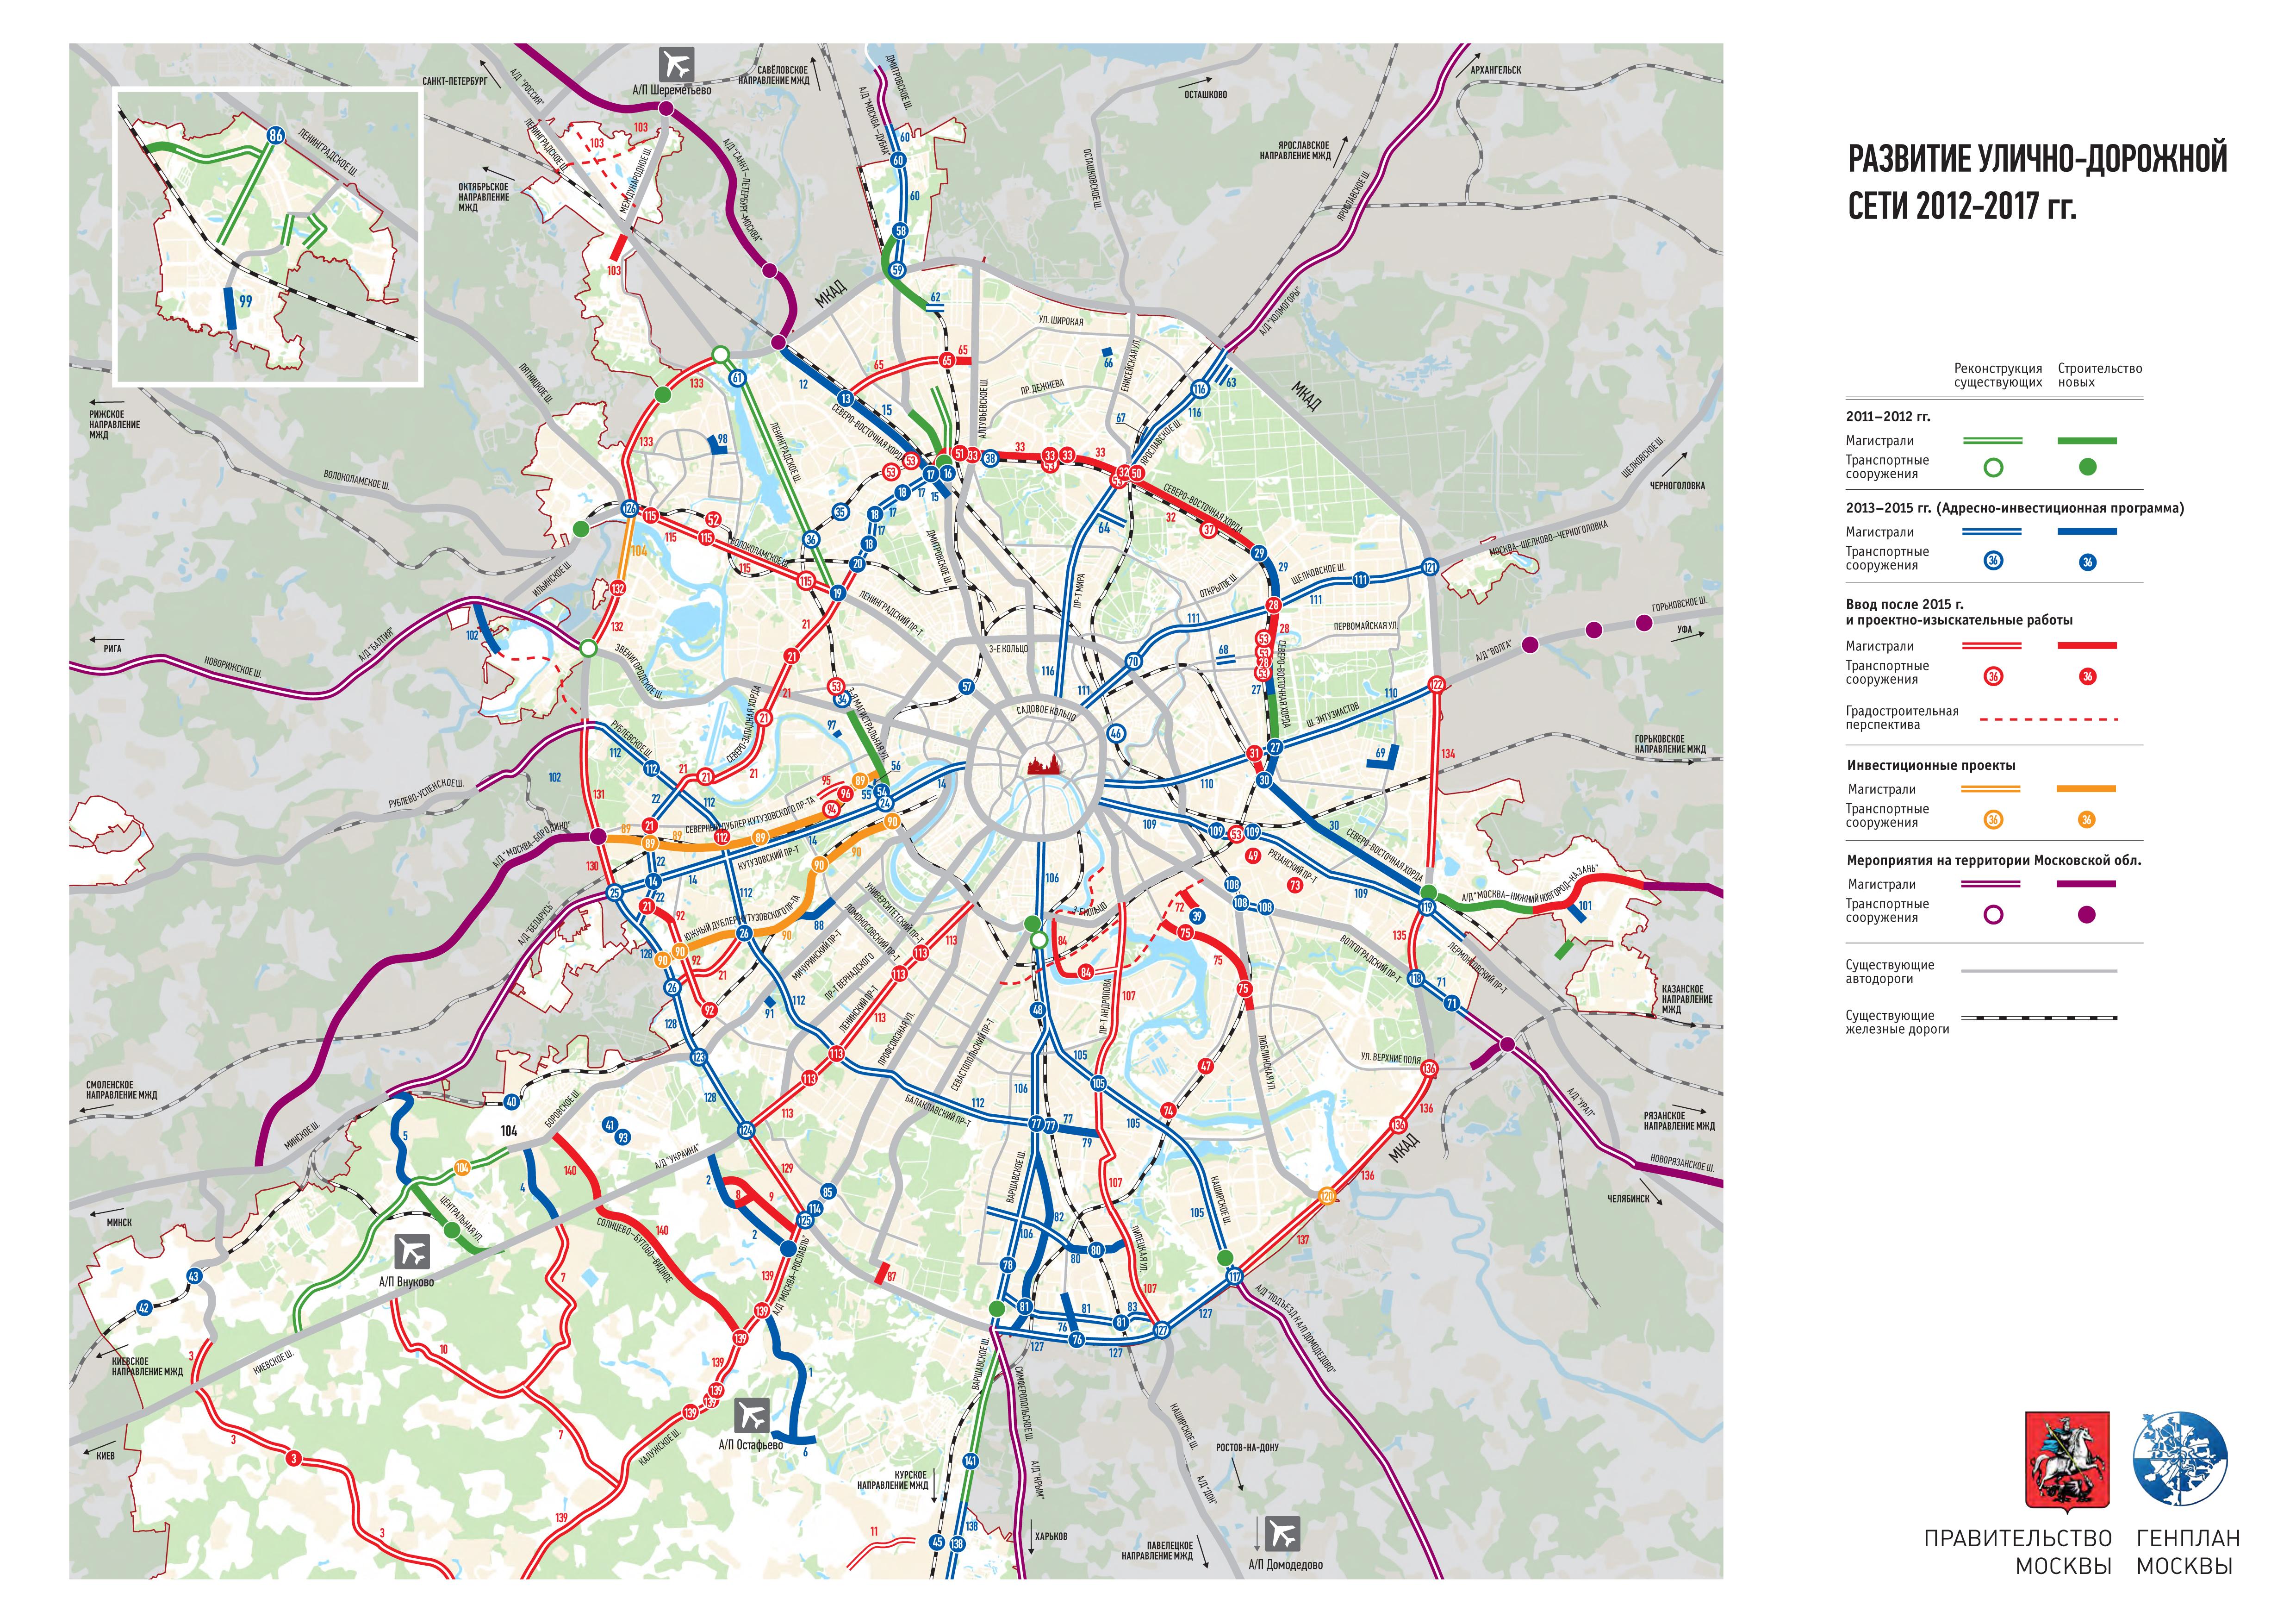 Москва схема проститутки 10